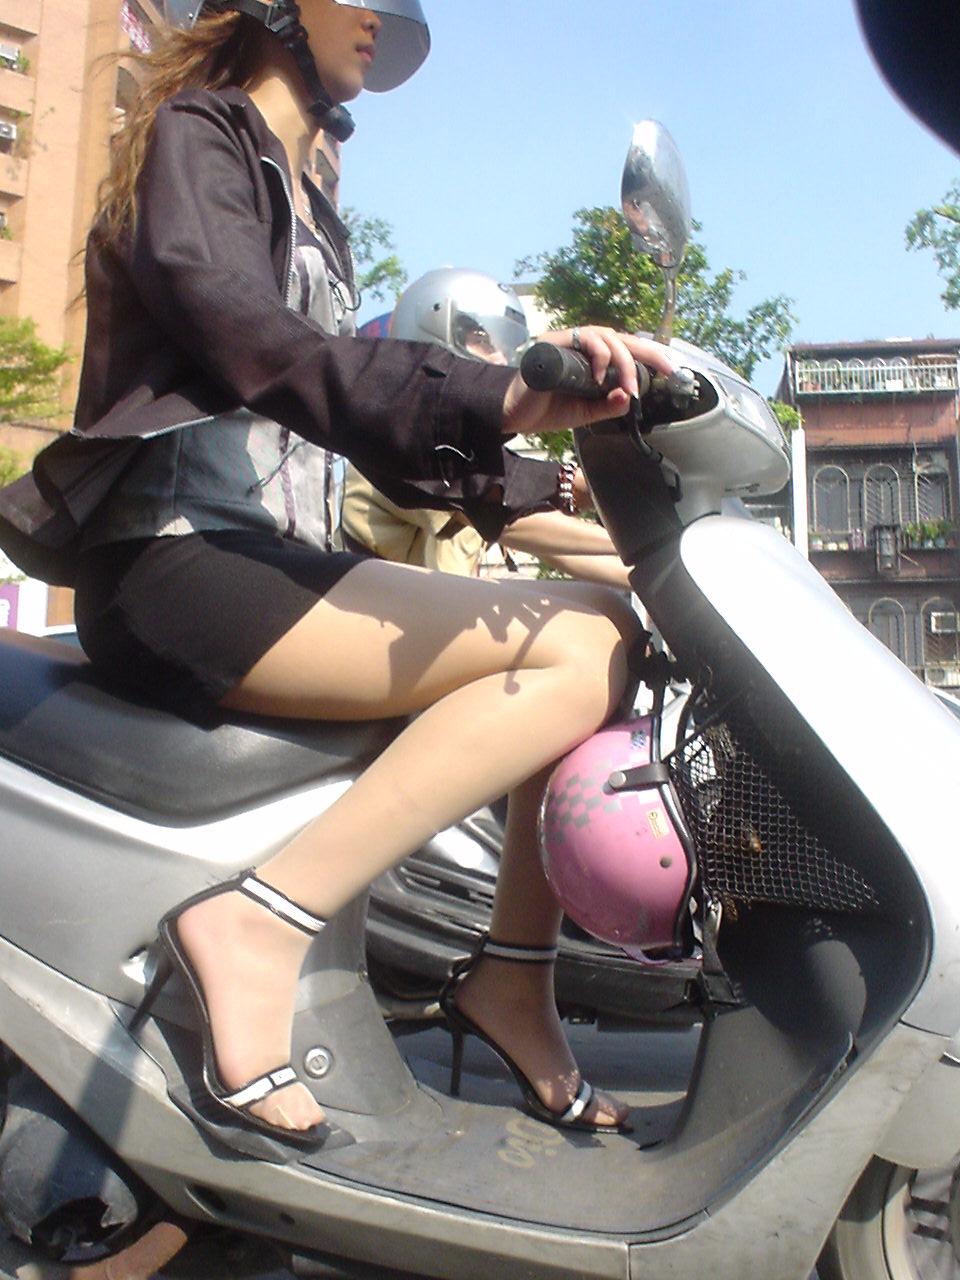 【フェチ画像】代わりに跨ってくれwwwバイクに乗ったお姉さんのムチムチ下半身に視線釘付け 17